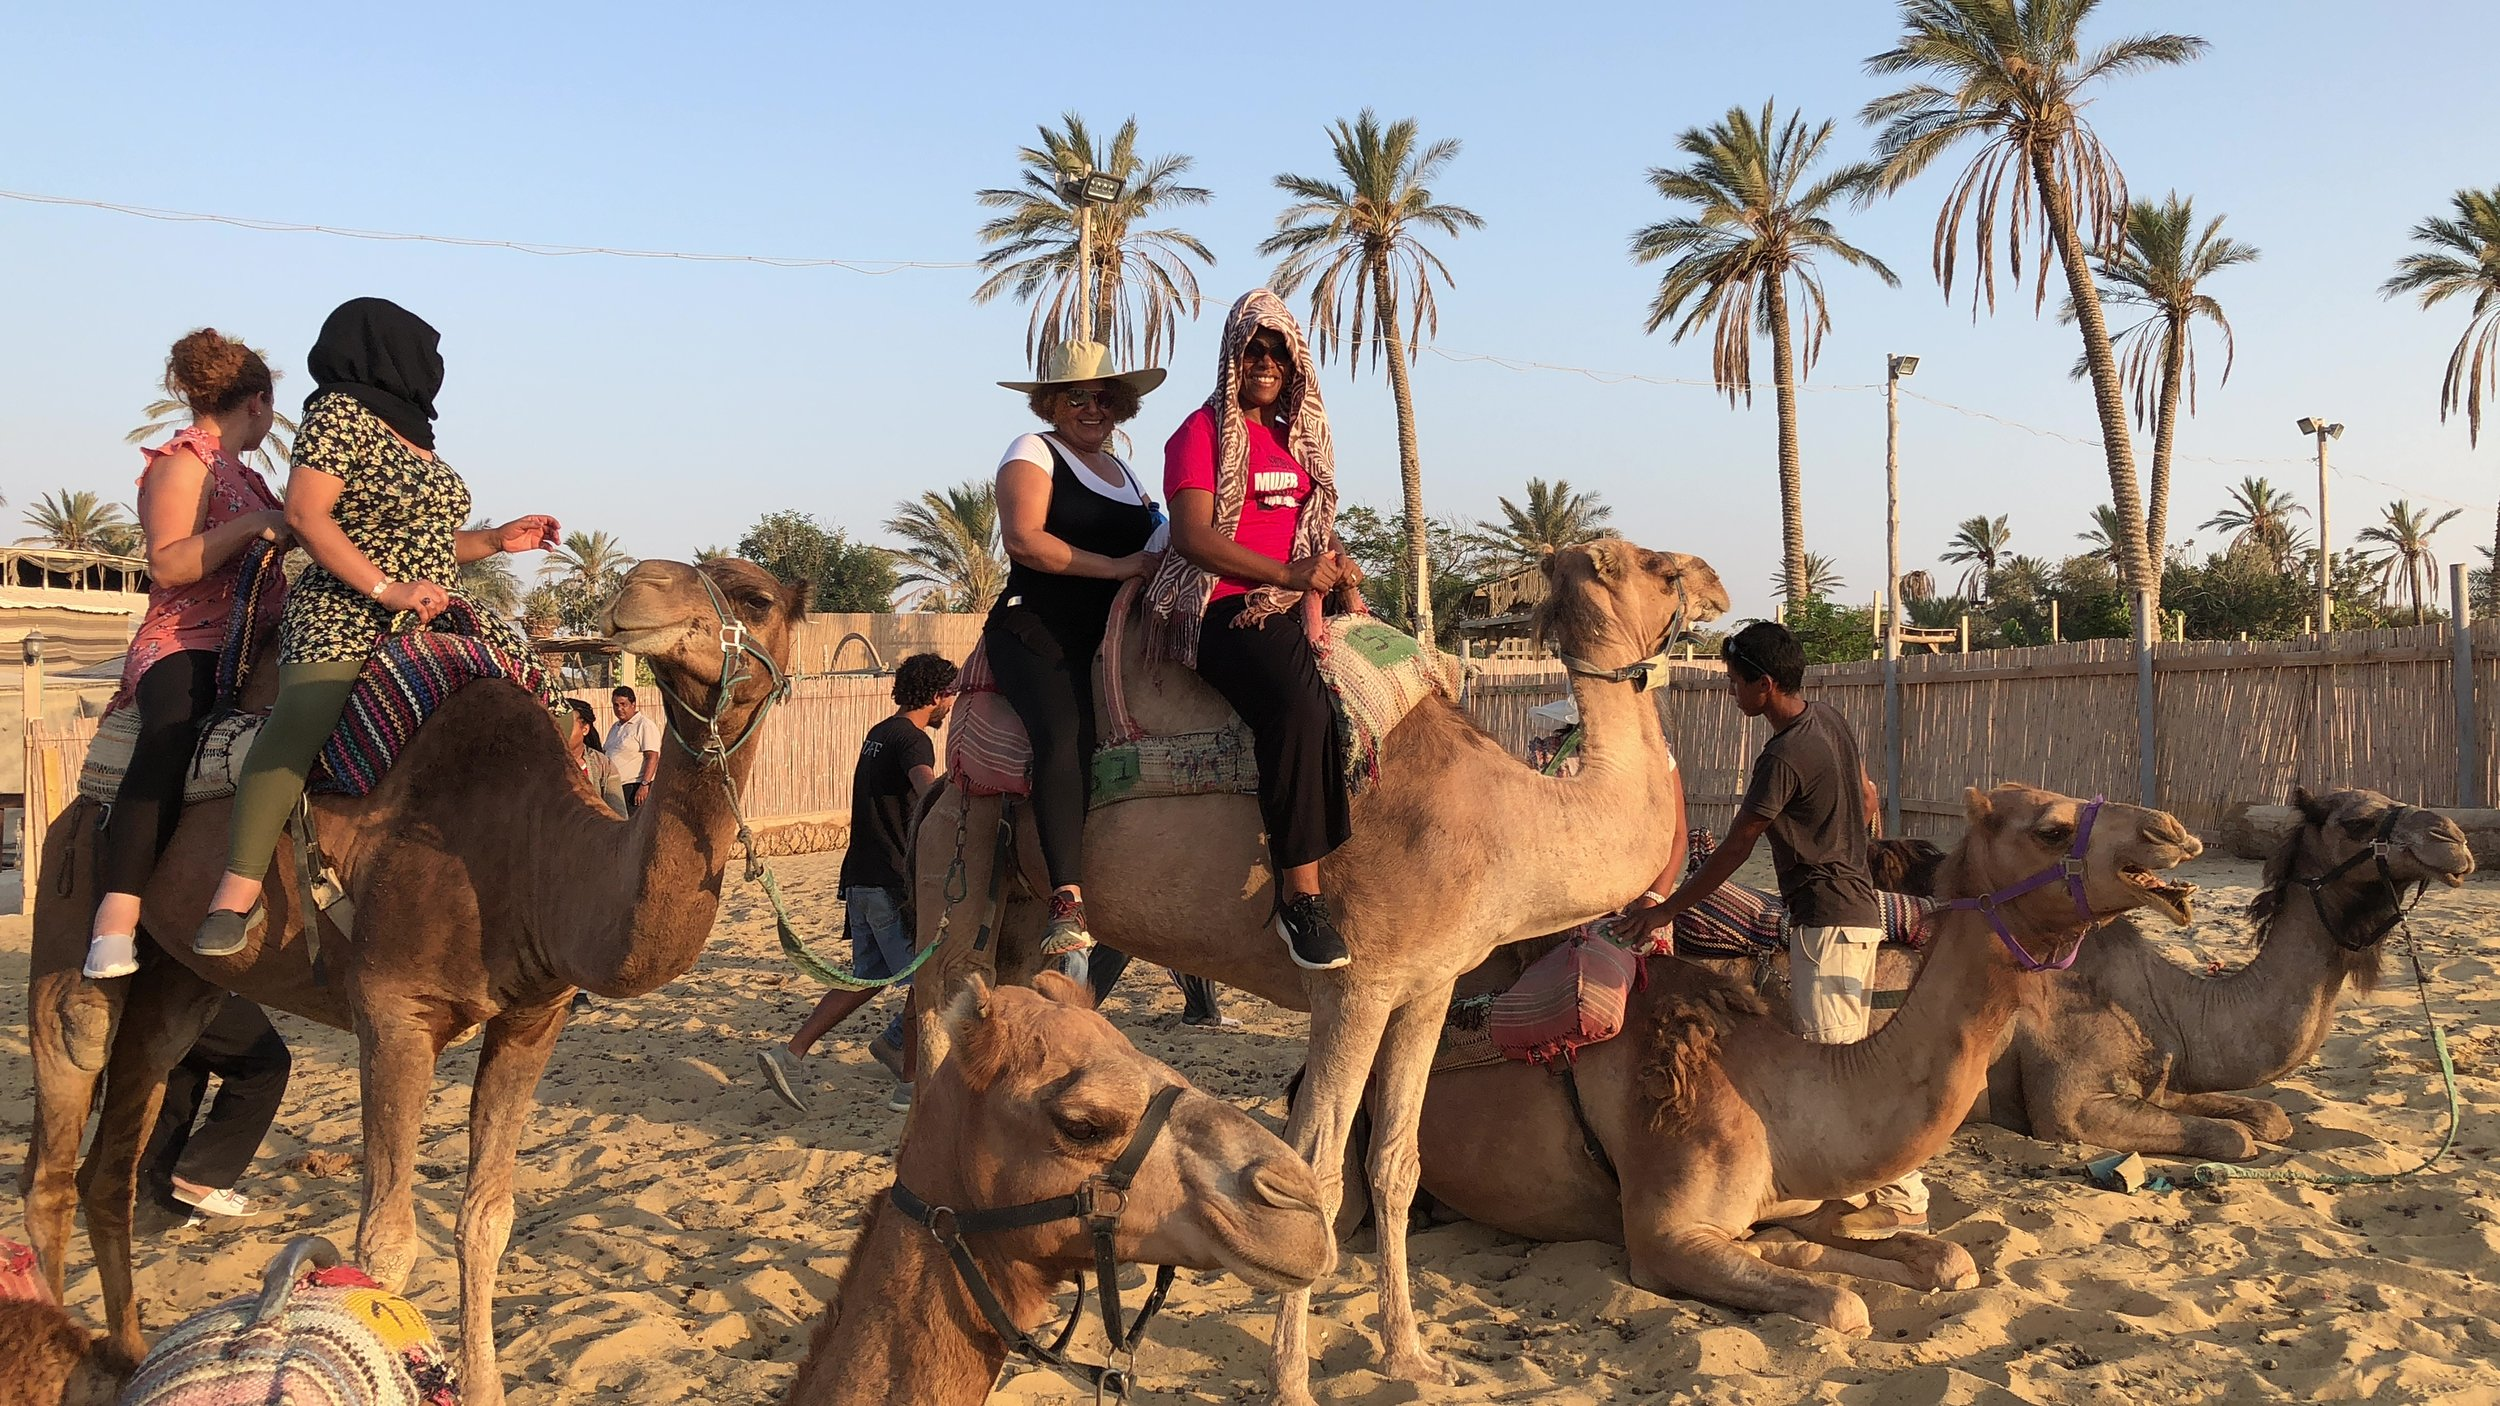 Integrantes de uno de nuestros grupos preparándose para andar en Camello en el Desierto de Judea